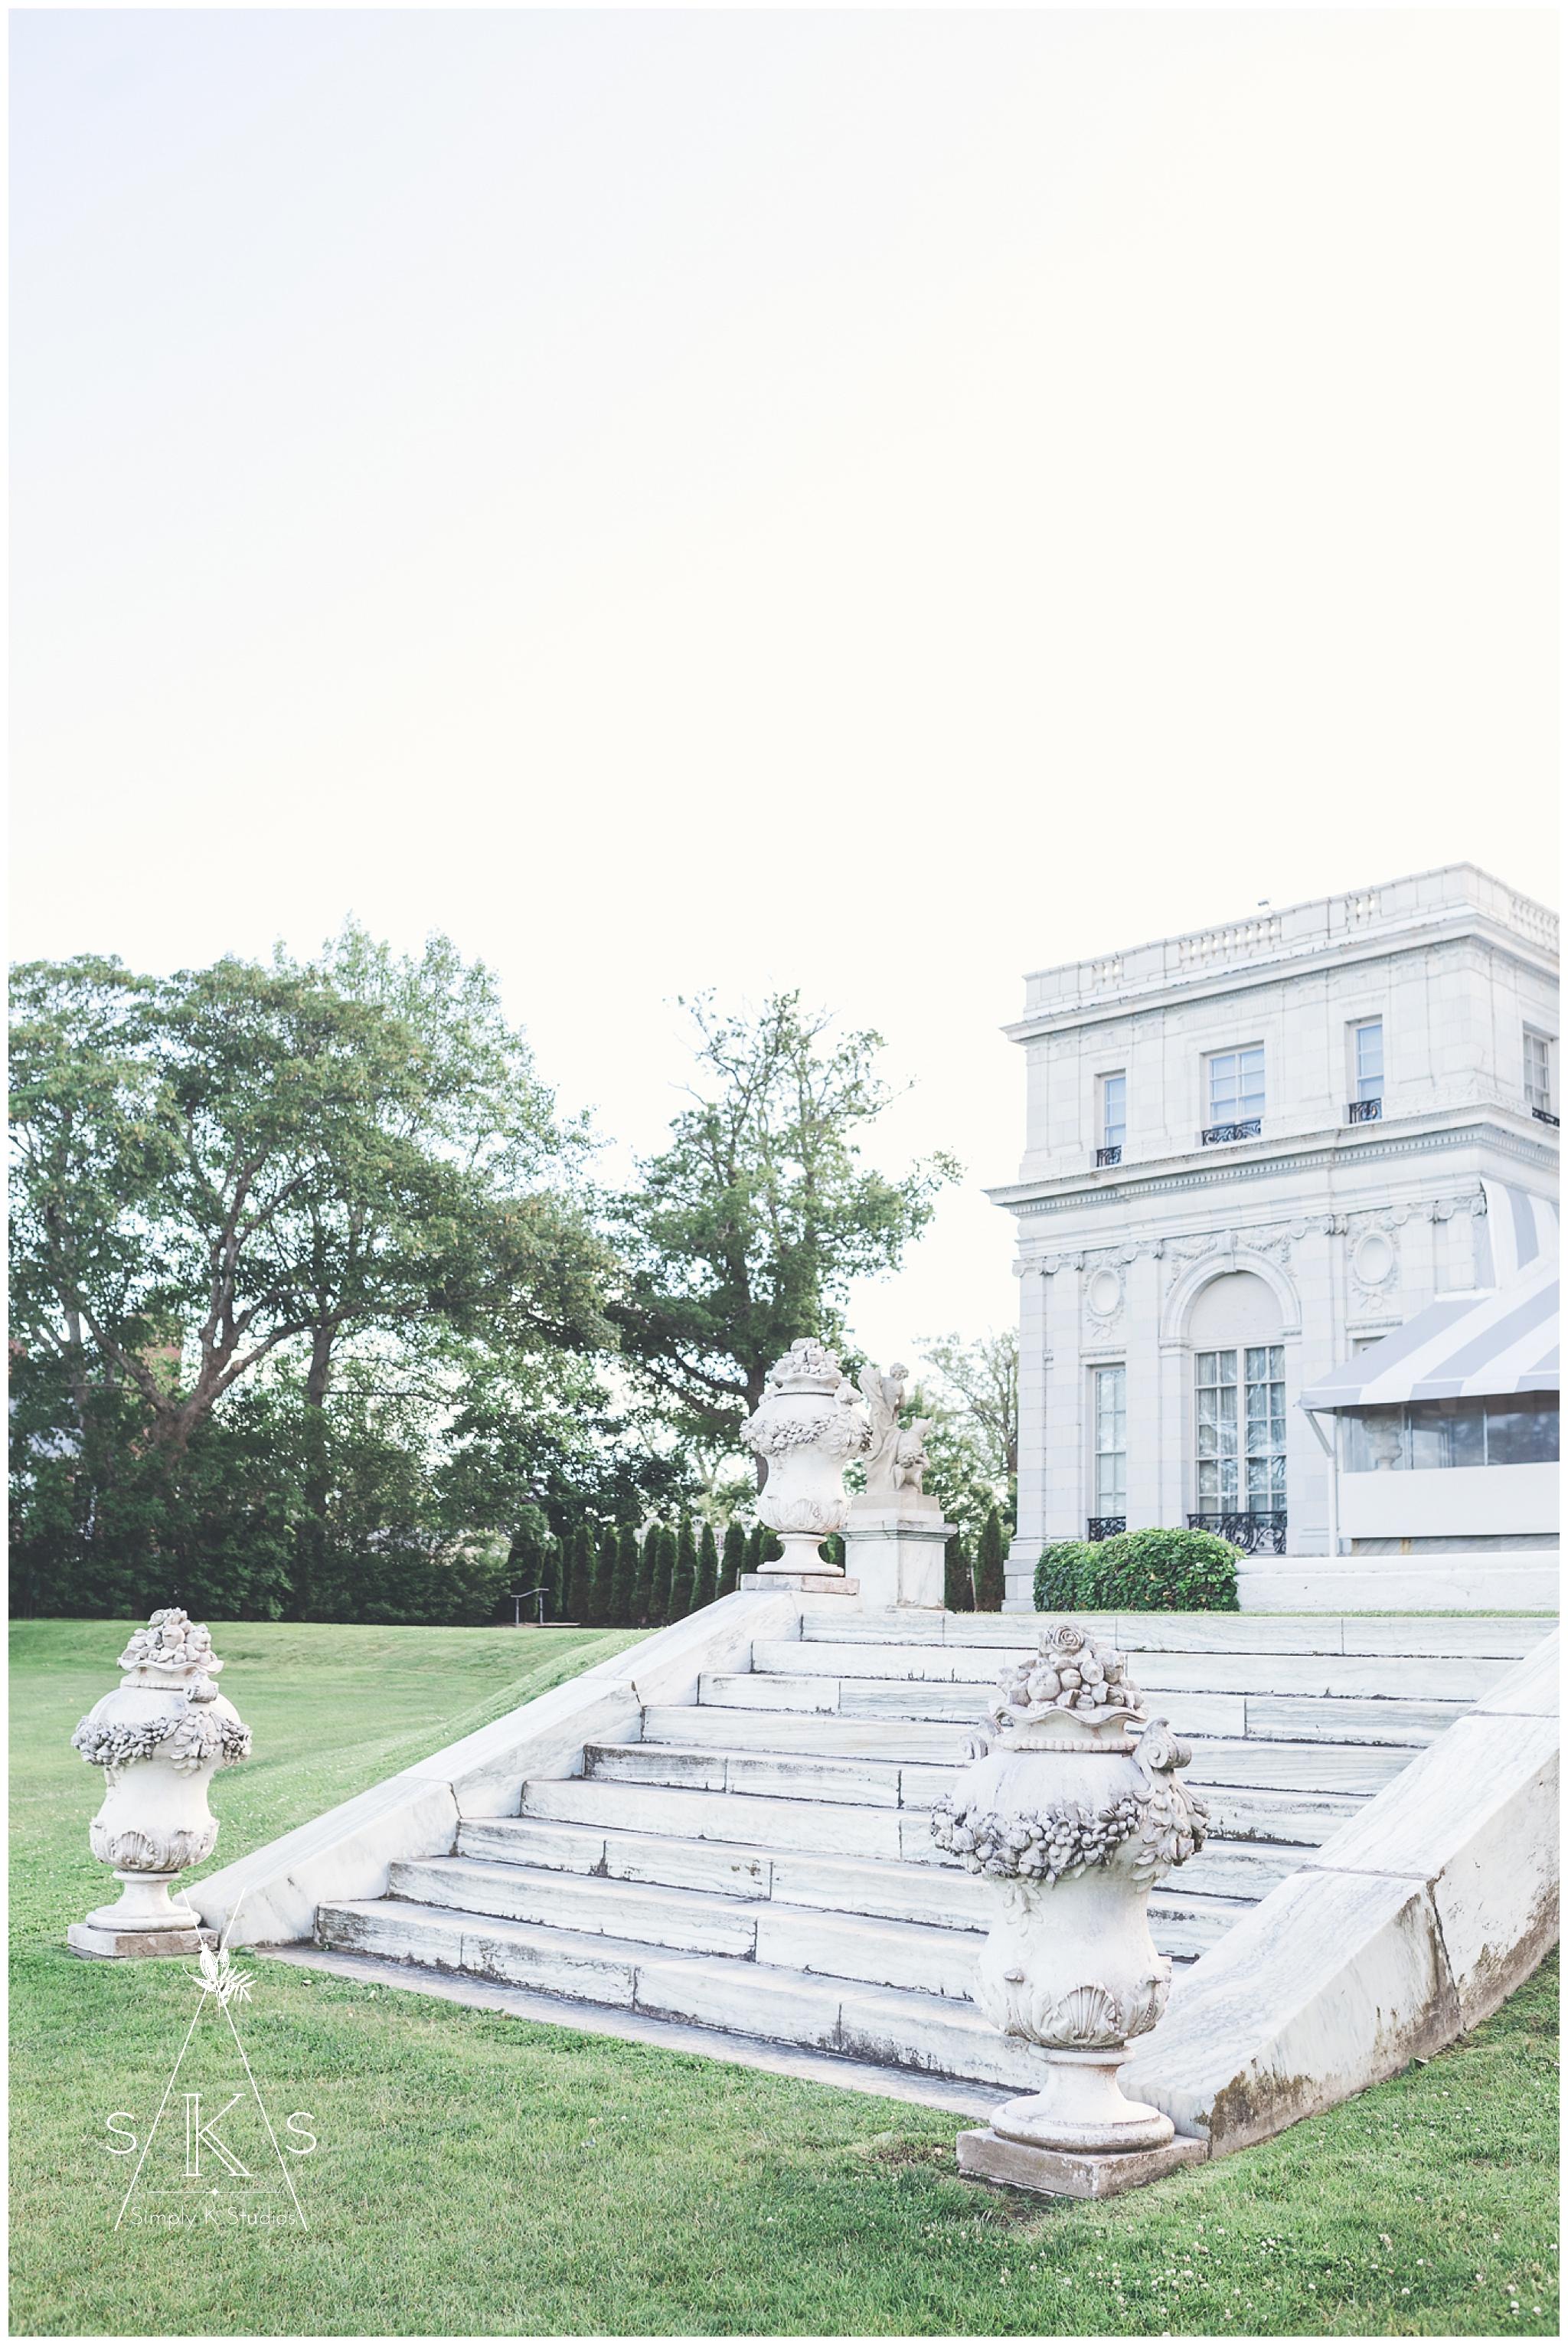 Newport RI Architecture